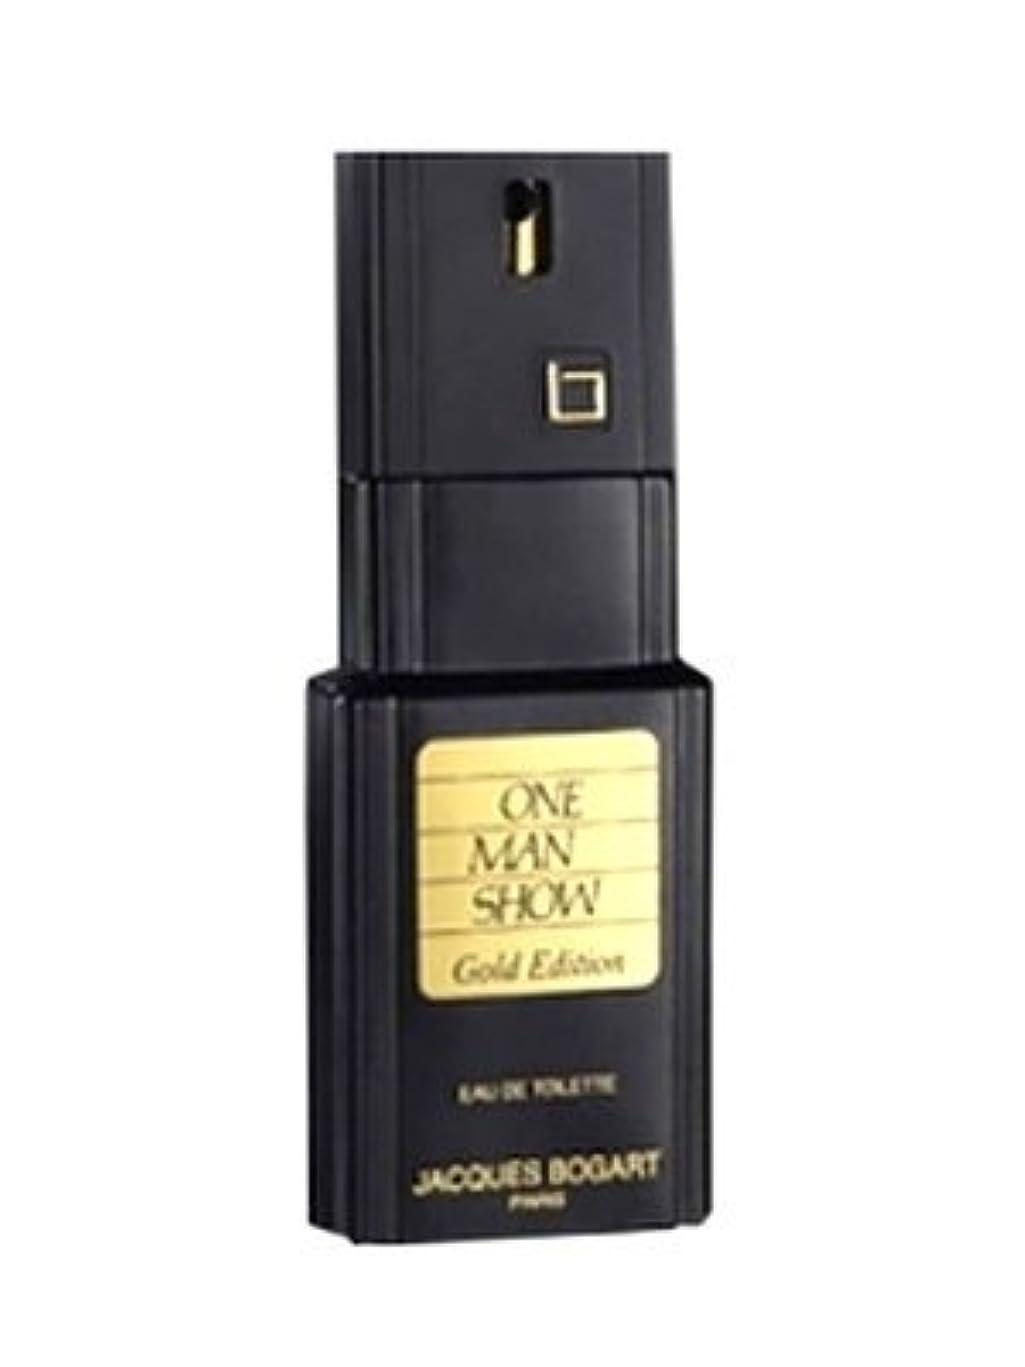 イタリアのサンプル接ぎ木One Man Show Gold Edition (ワンマンショー ゴールデンエディション) 3.3 oz (100ml) EDT Spray by Jacques Bogart for Men